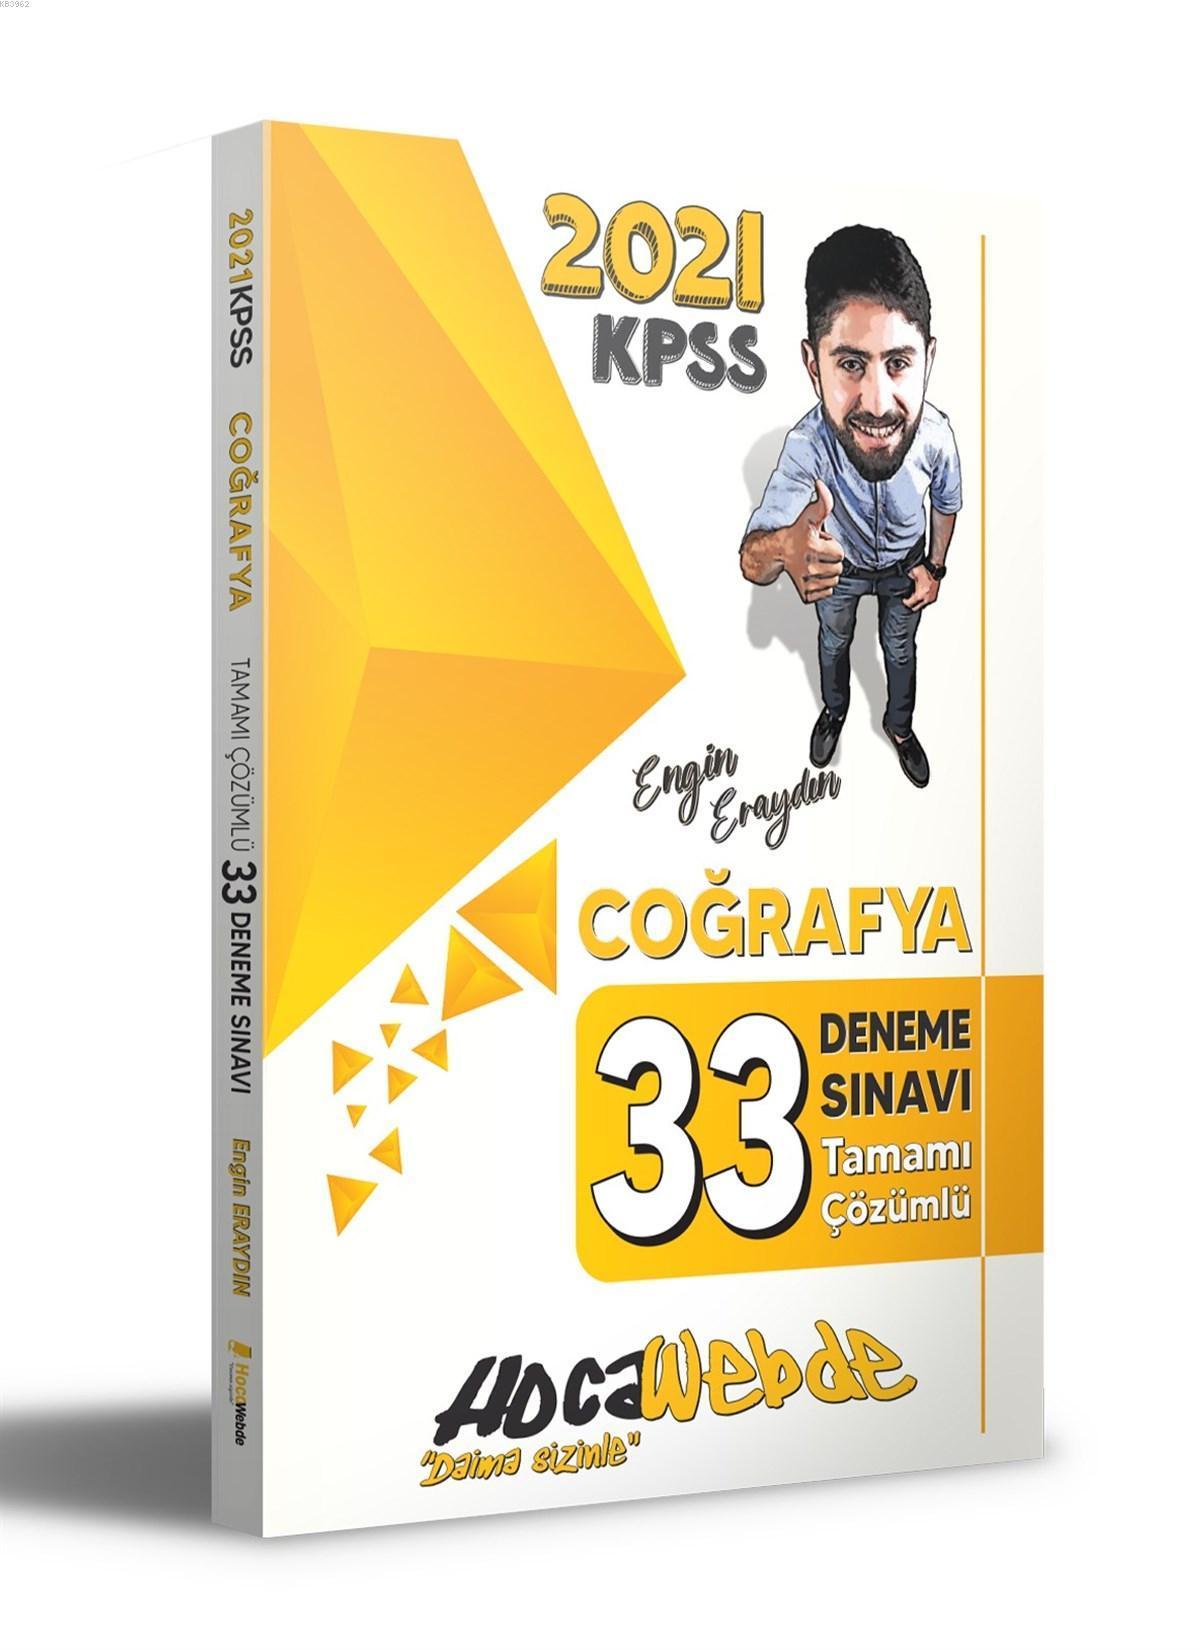 Hocawebde 2021 KPSS Coğrafya Tamamı Çözümlü 33 Deneme